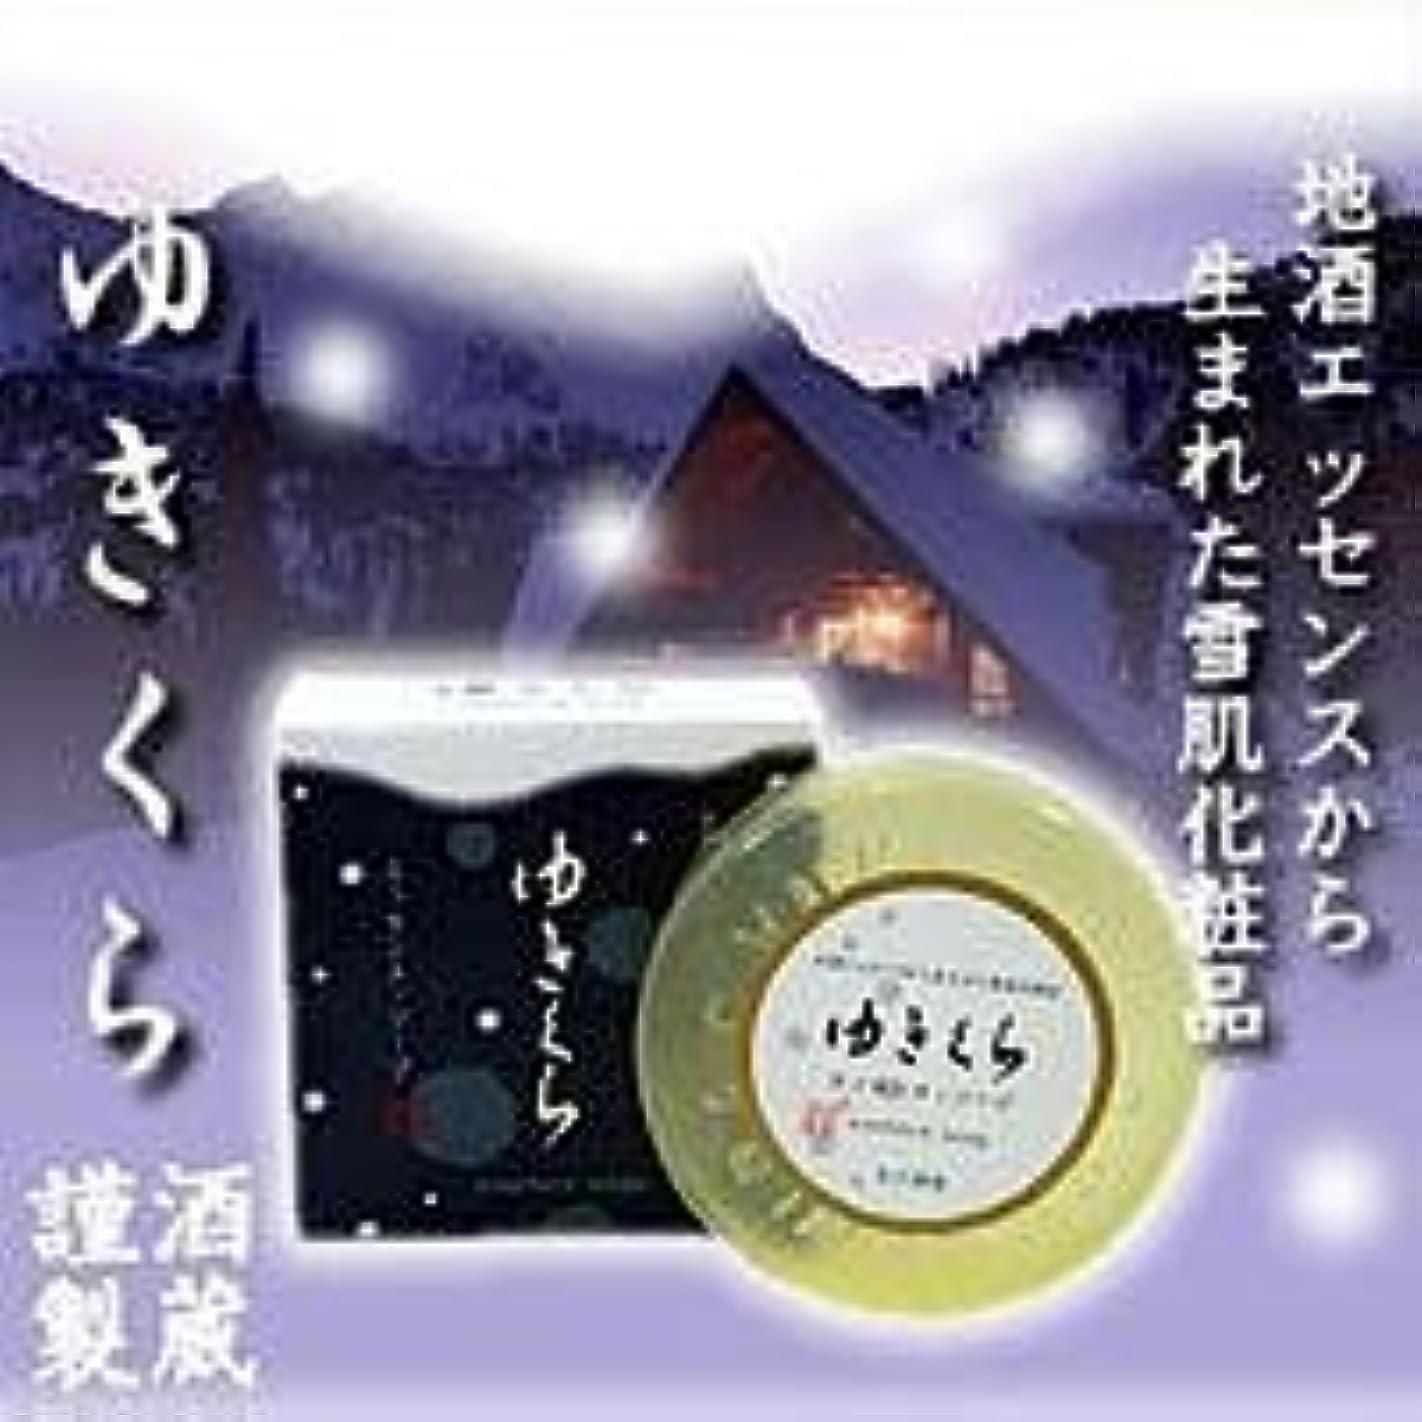 送料収縮メジャーゆきくら透明石鹸 エッセンスソープ90g